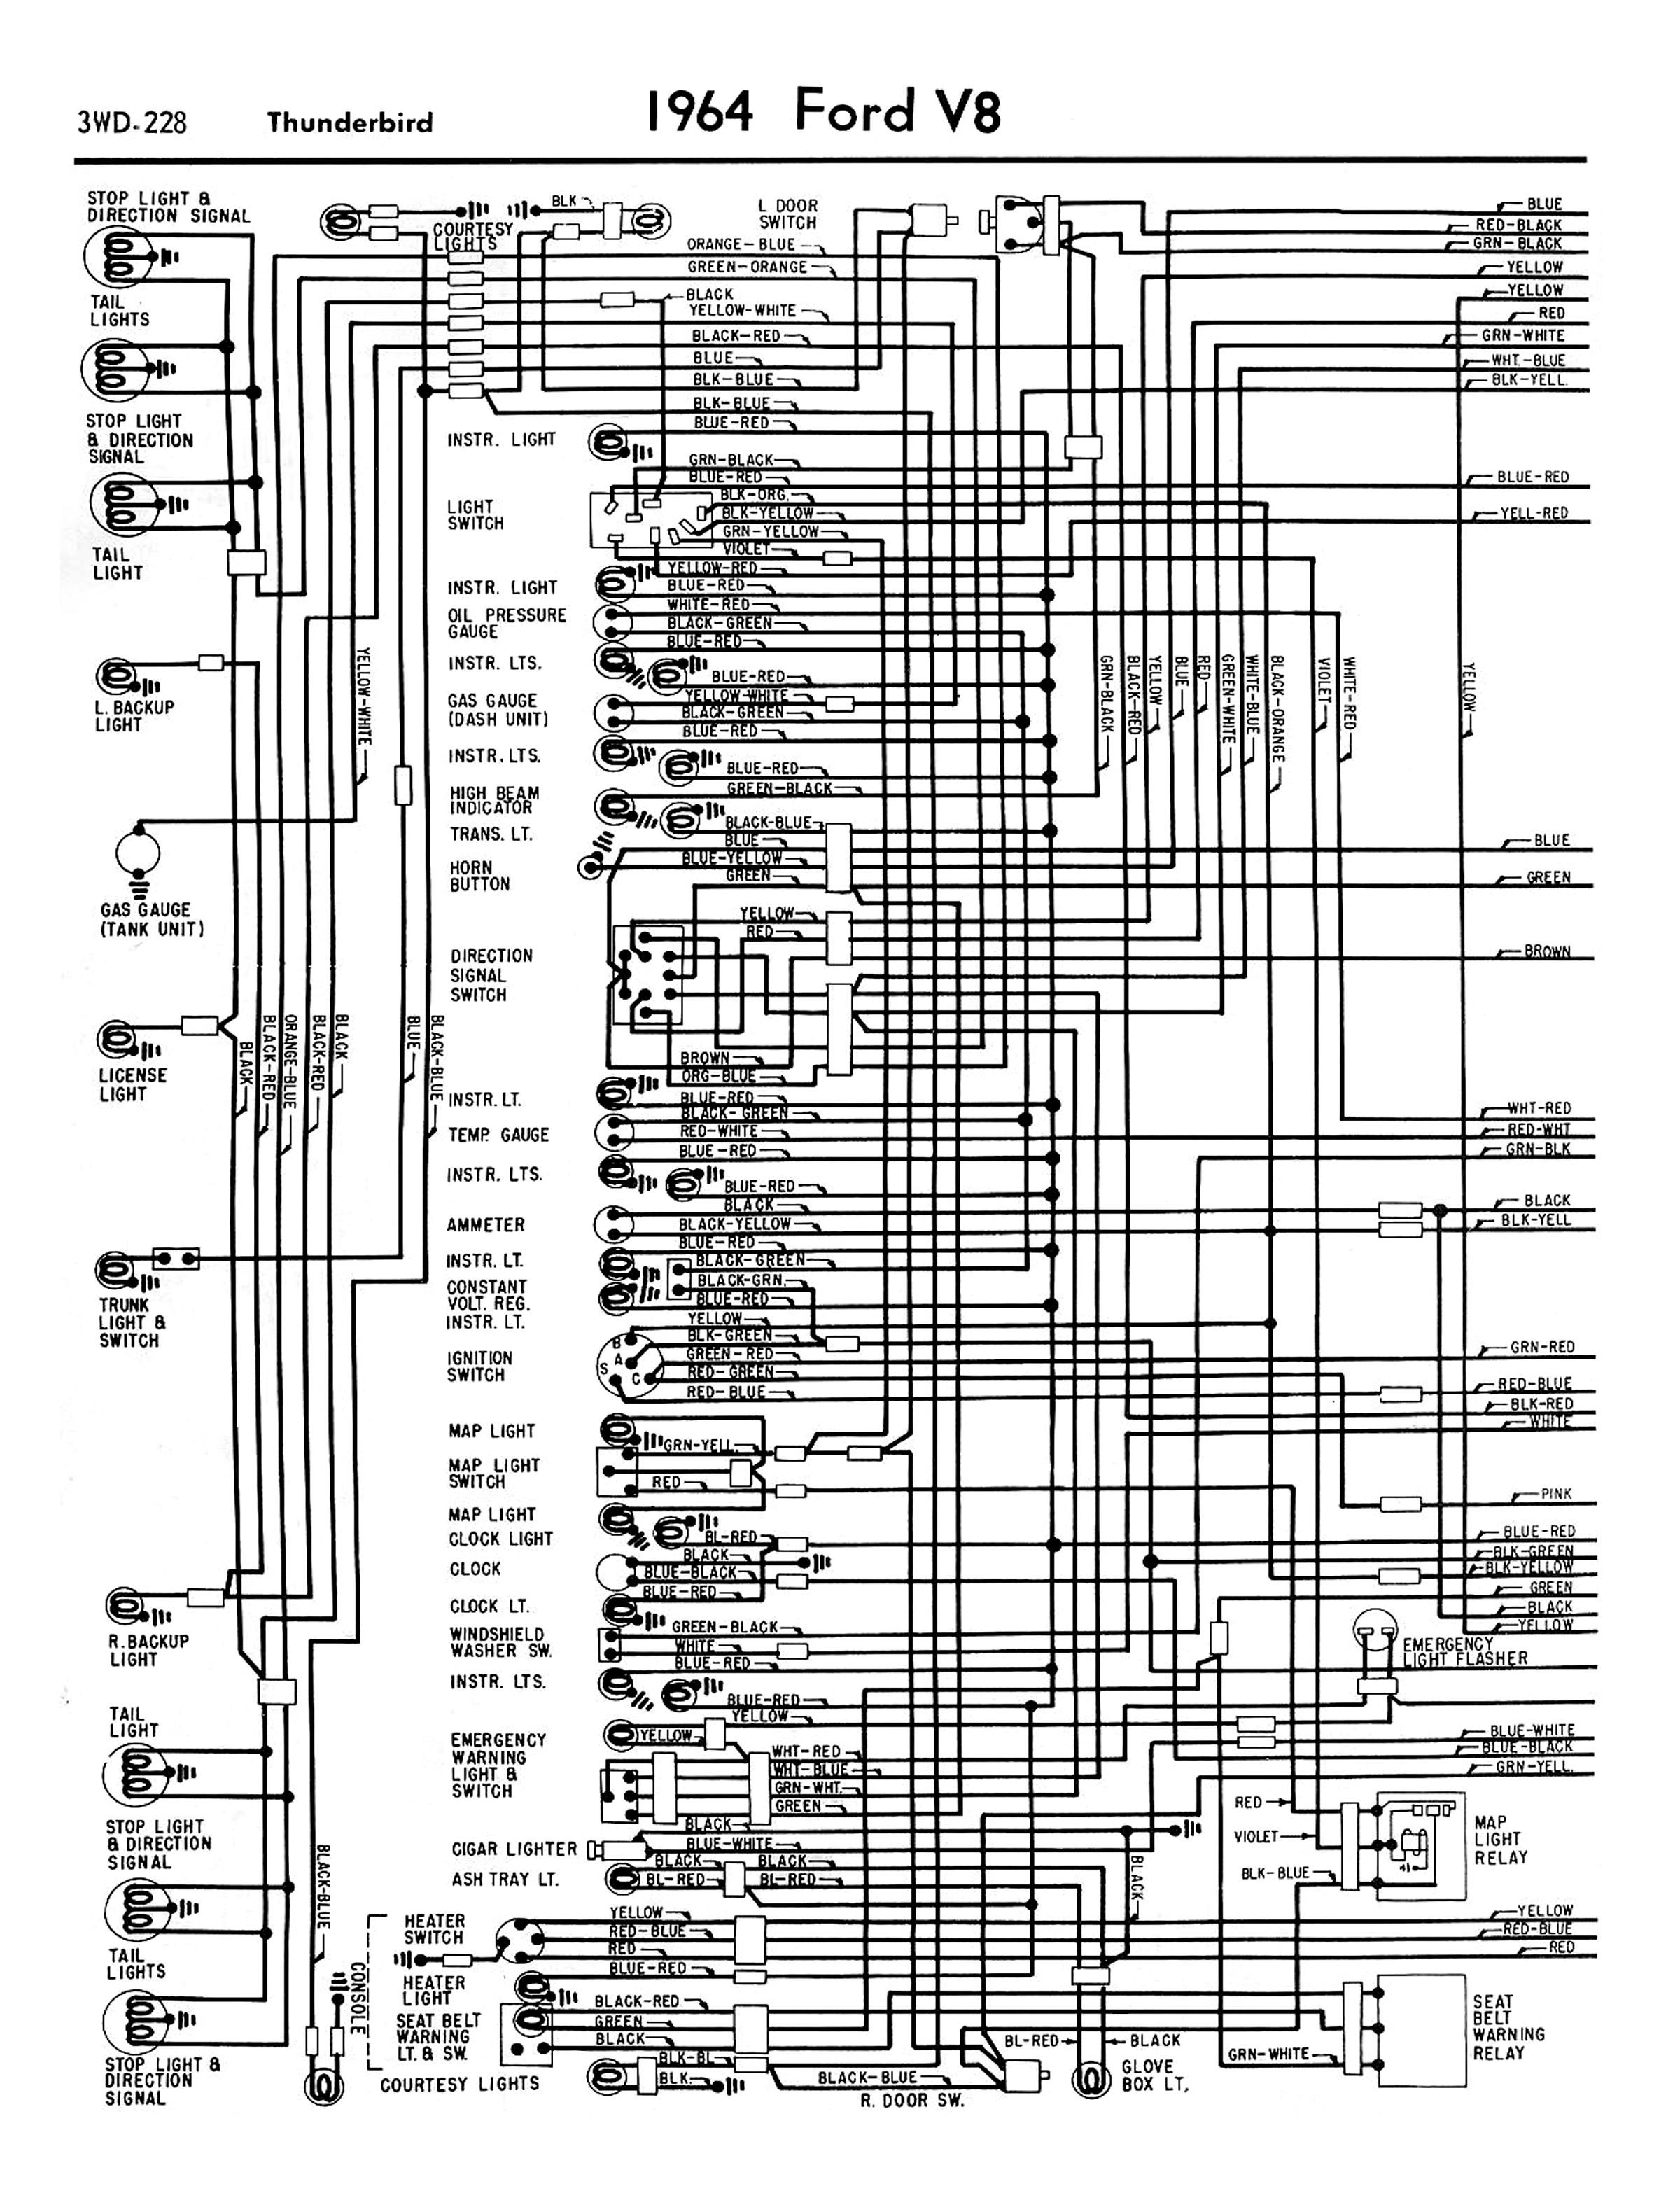 1958 thunderbird wiring diagram wiring diagram m2  1960 ford thunderbird wiring diagram #6